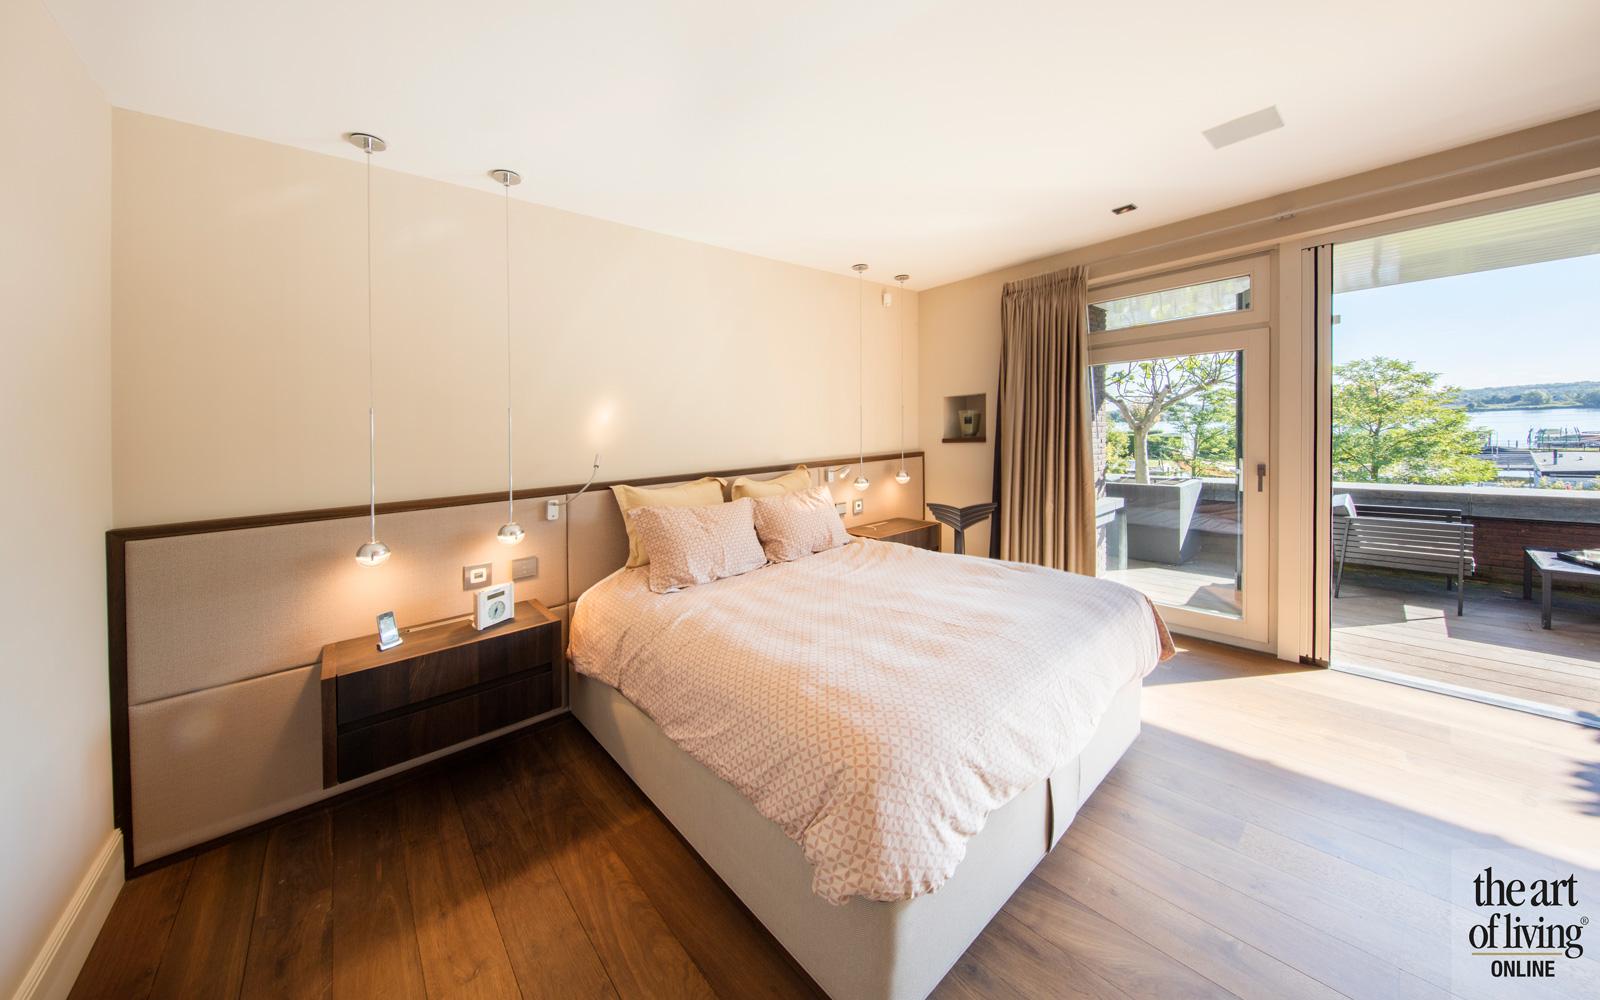 Slaapkamer, master bedroom, uitzicht op de tuin